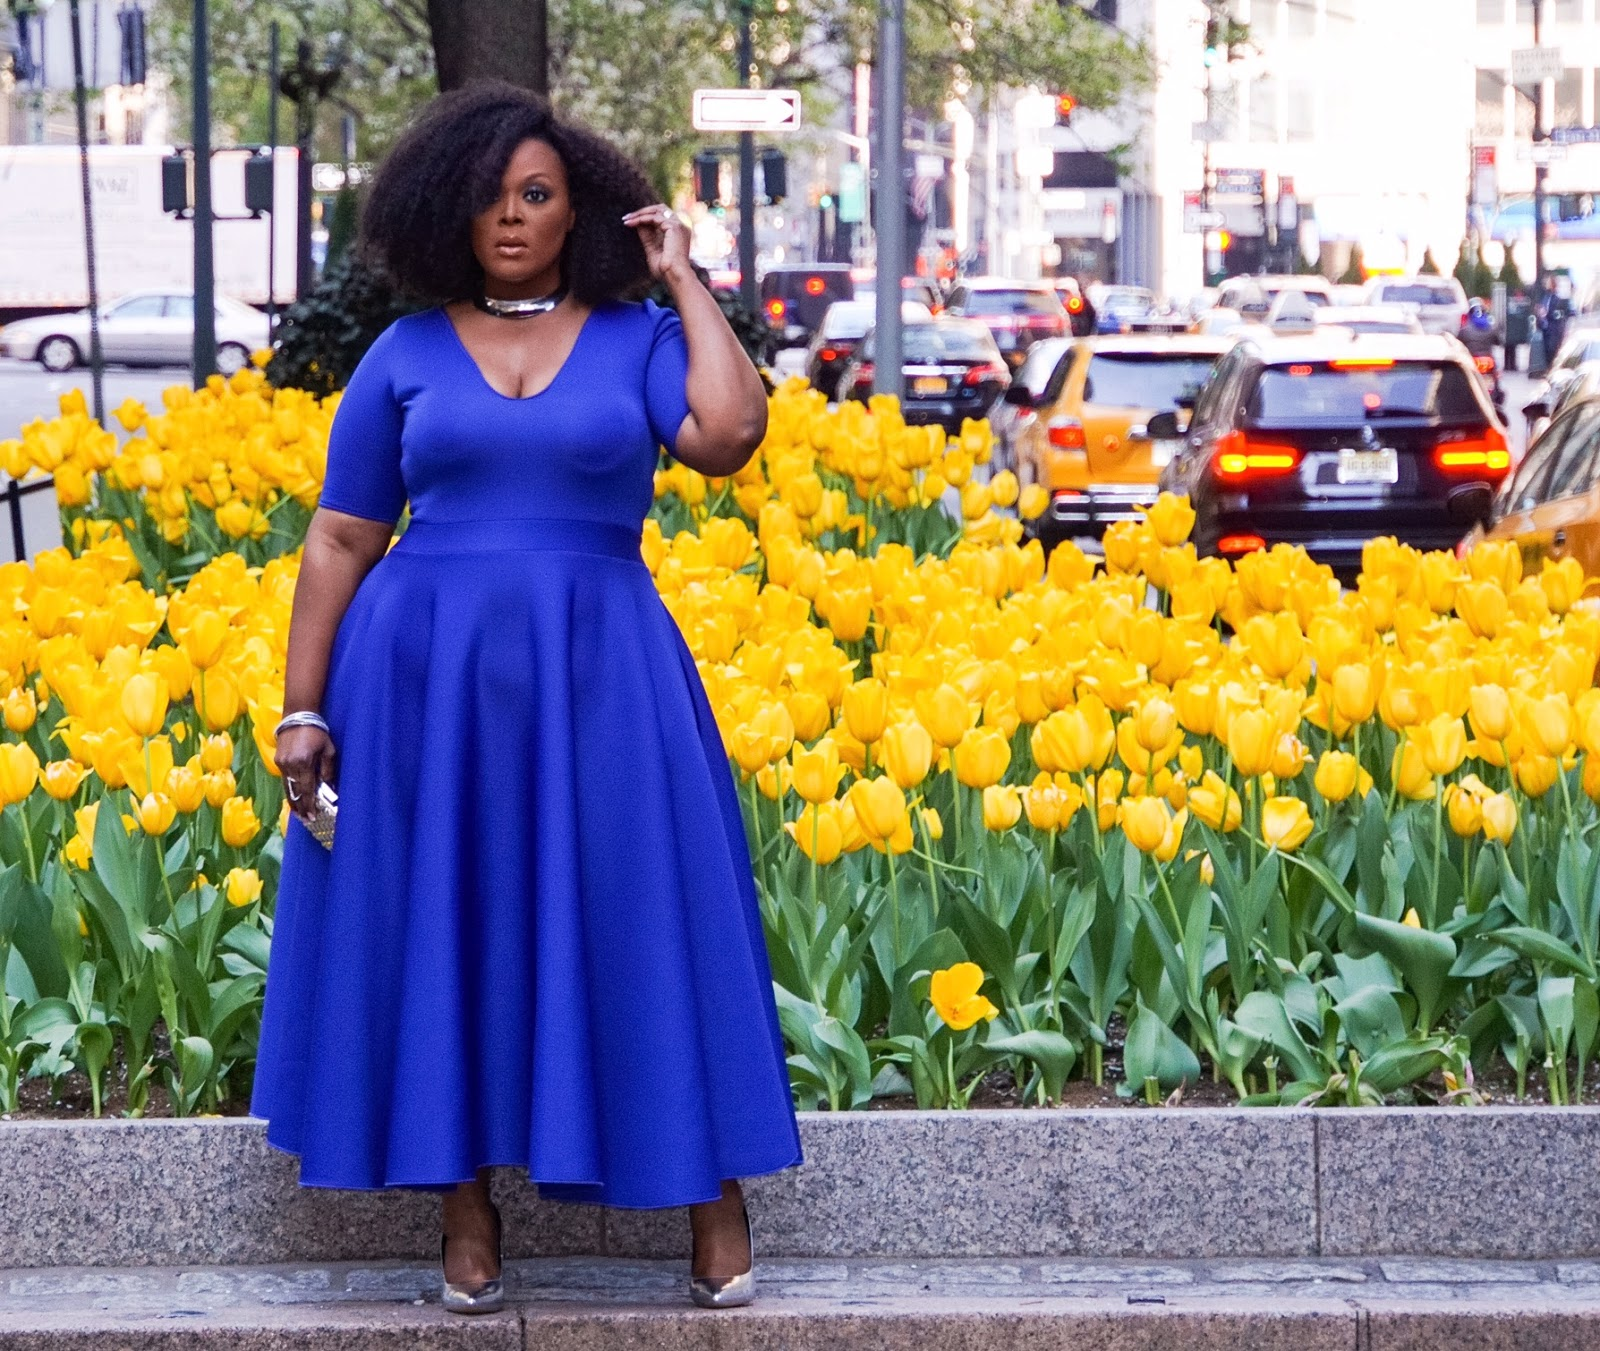 courtney noelle dress, courtney noelle blue dress, khloe dress courtney noelle, big bella donna